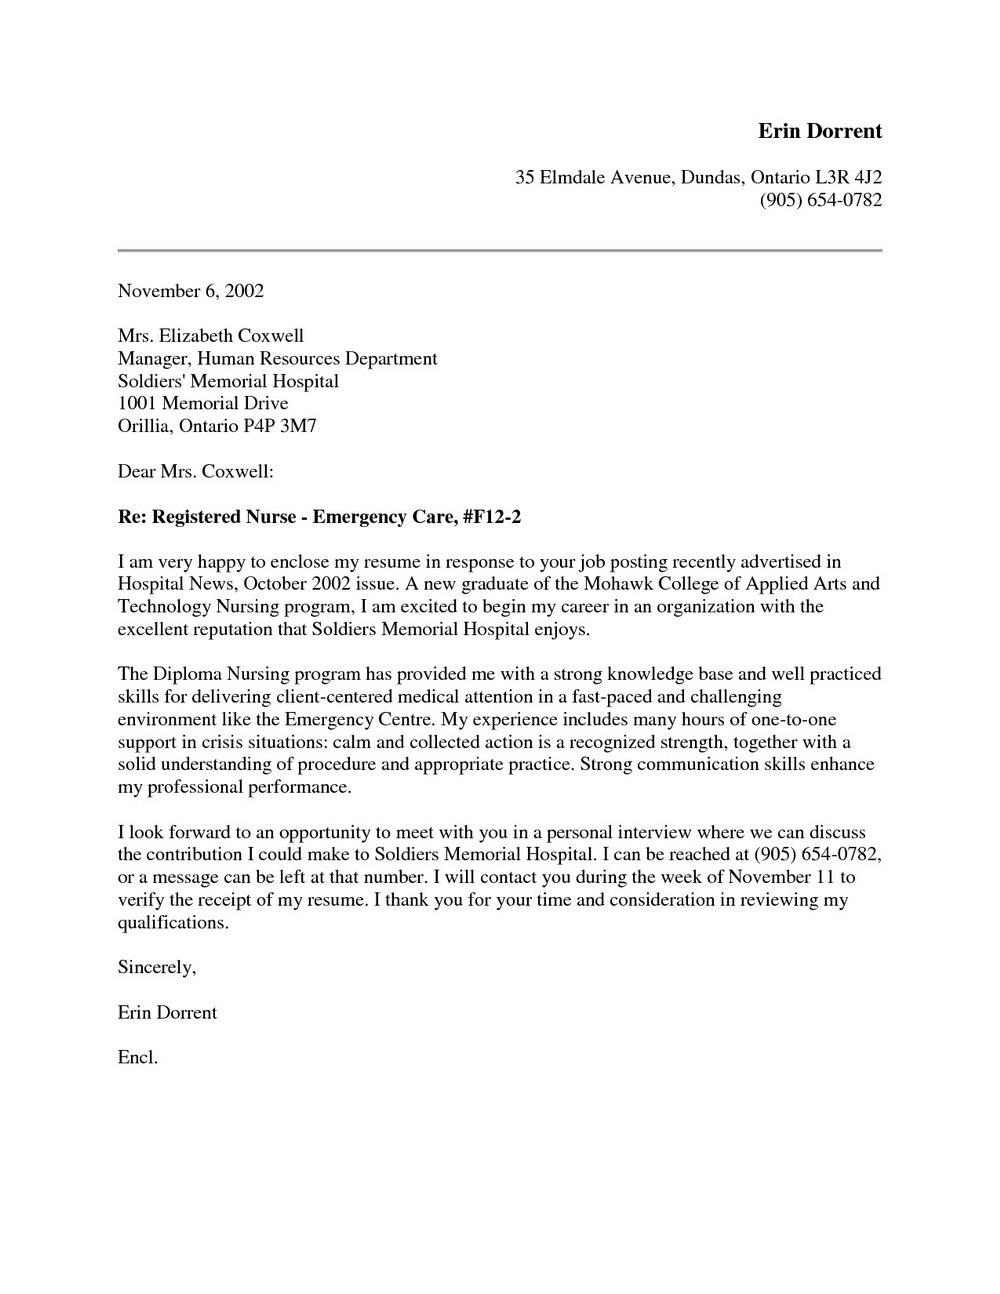 Cover Letter Sample For Resume Nursing